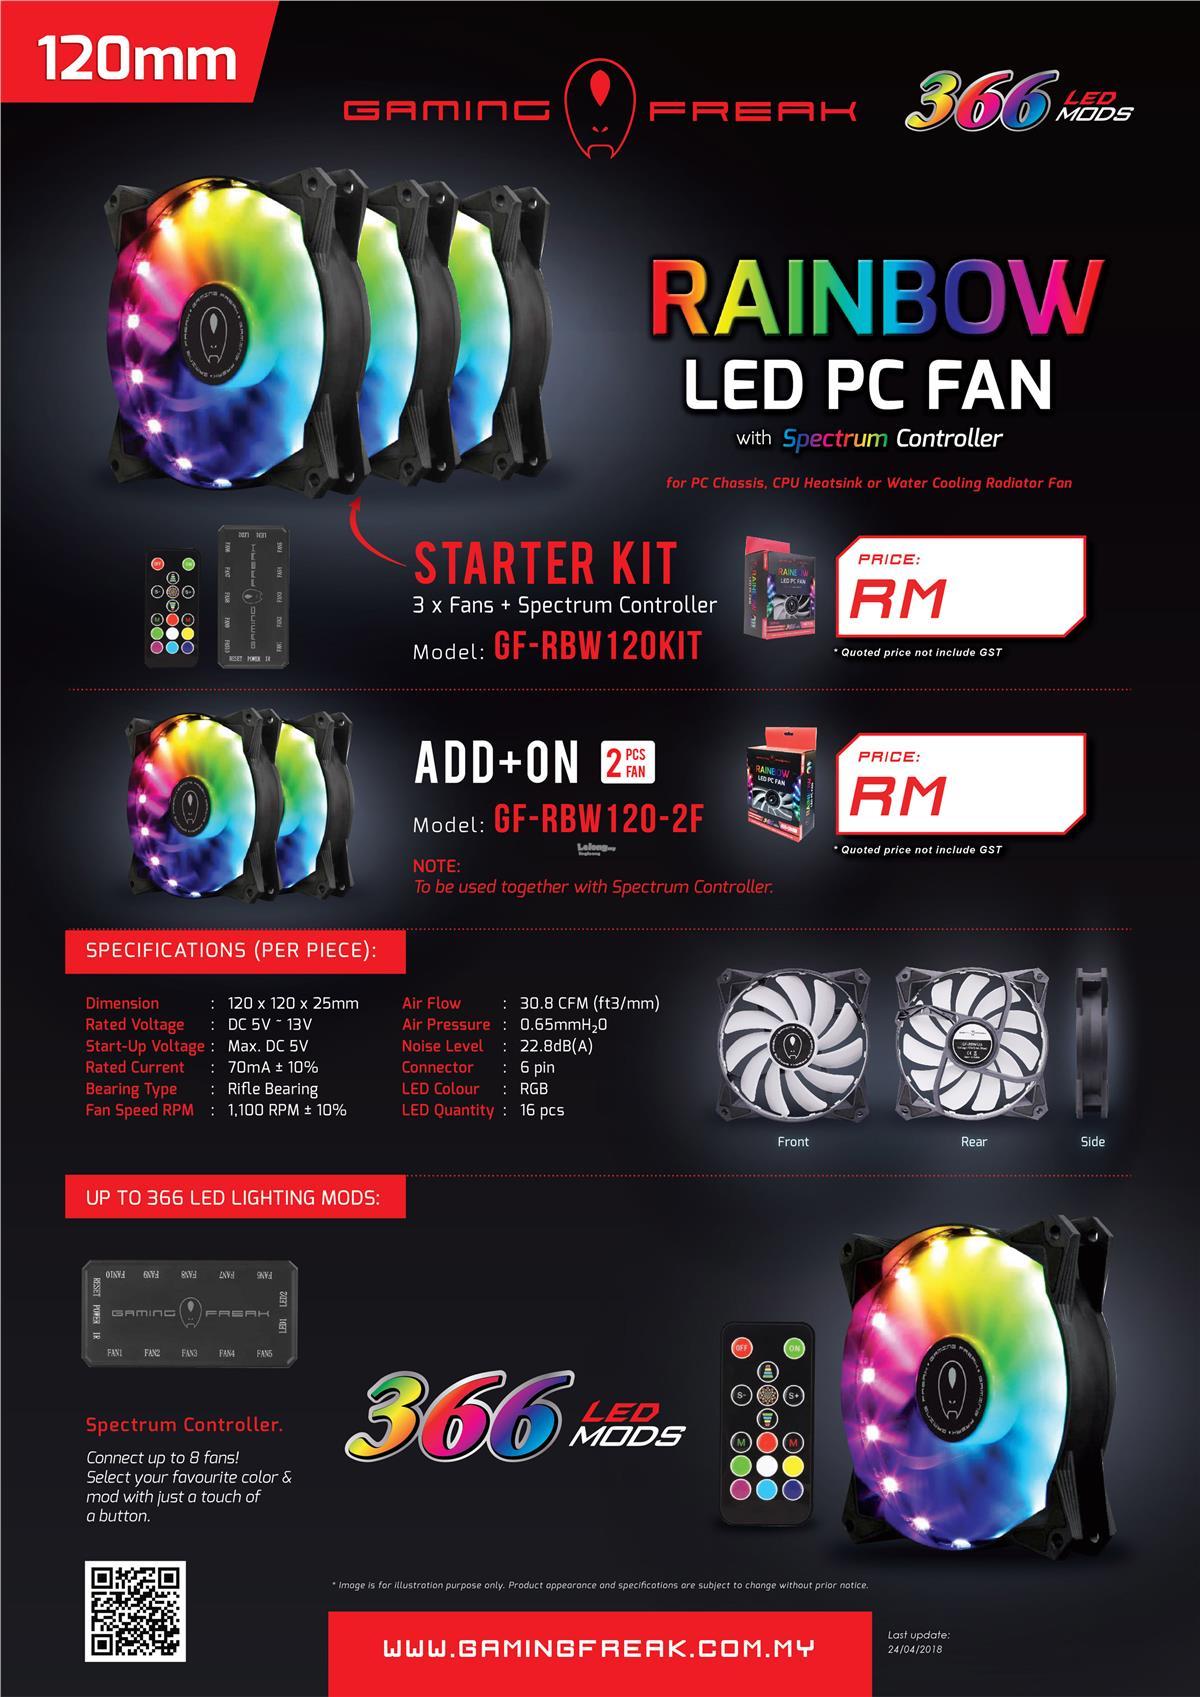 # GAMING FREAK Rainbow LED PC Fan - Starter Kit #